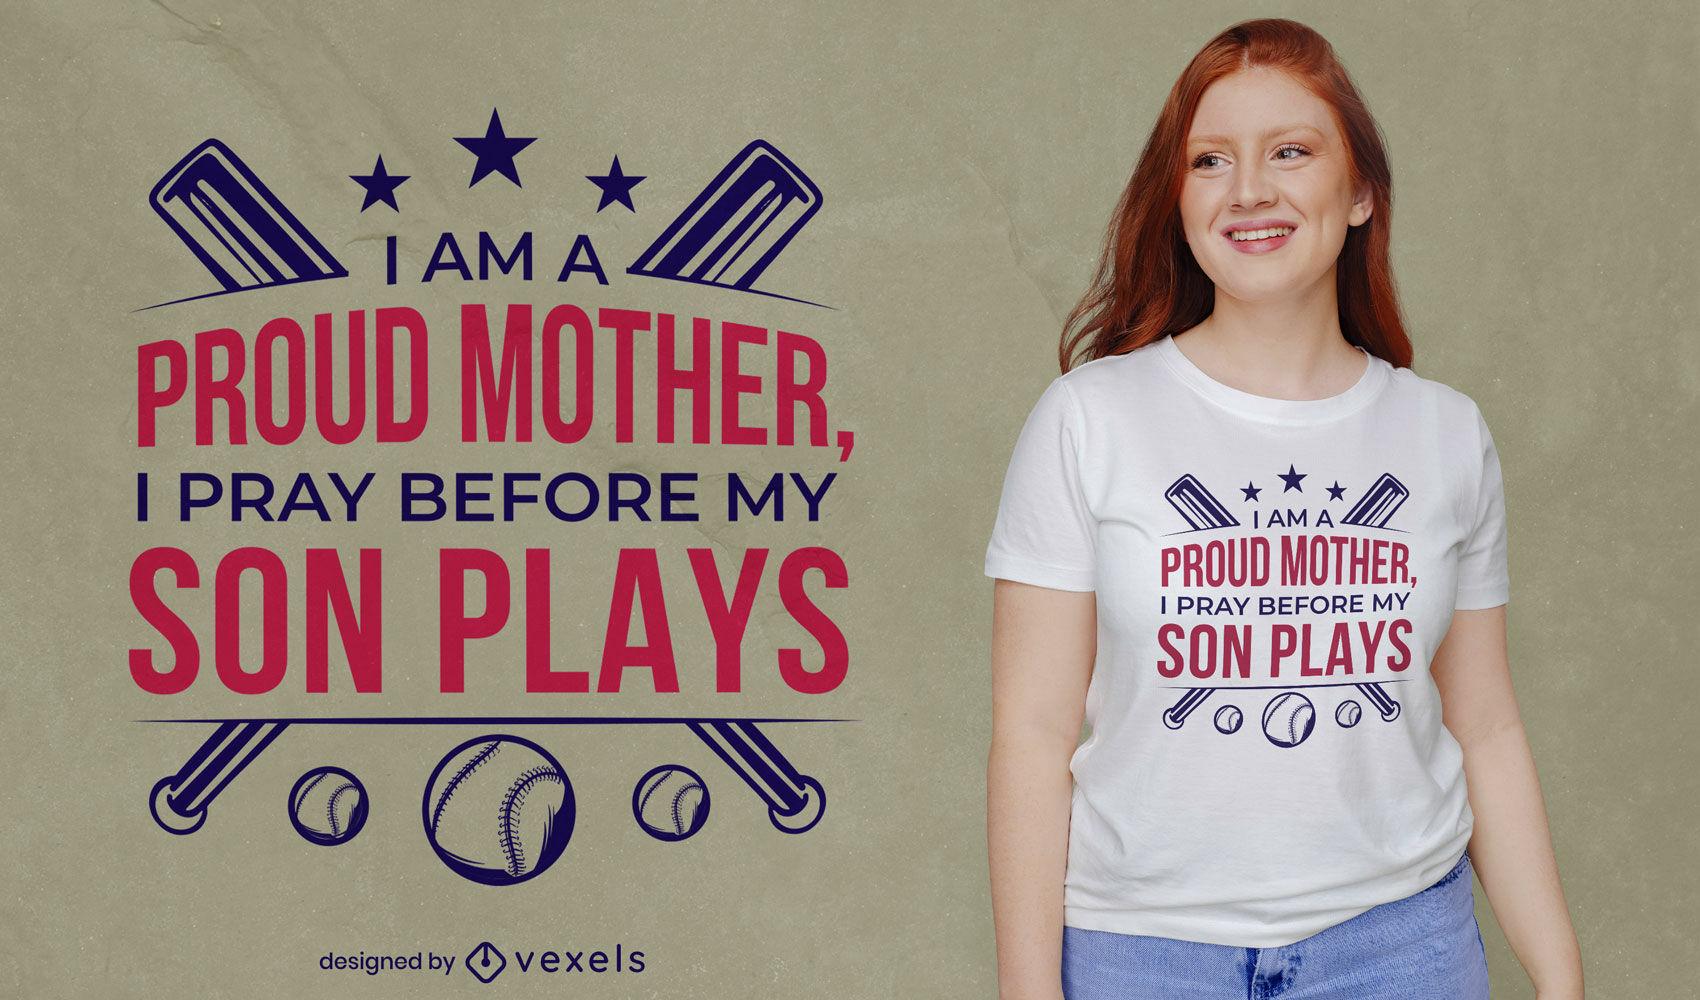 Design orgulhoso de camiseta para mamãe esporte de beisebol